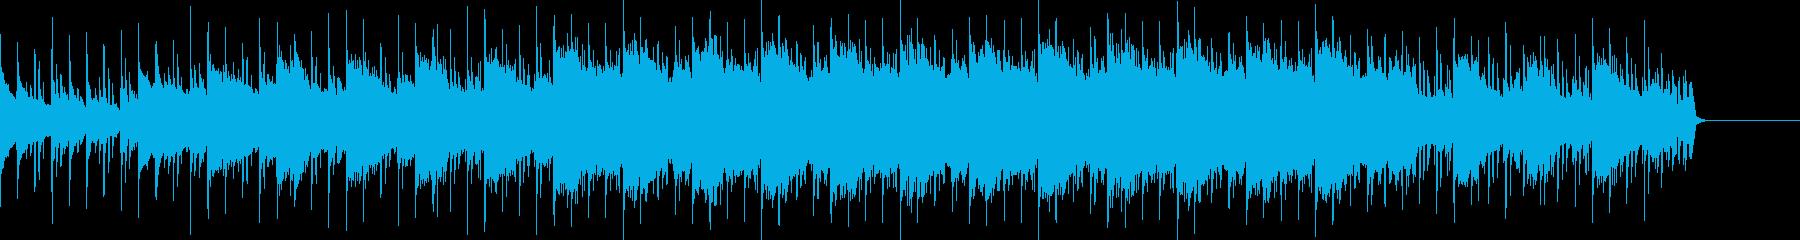 アコギとシンセ、カッコいい系BGMの再生済みの波形